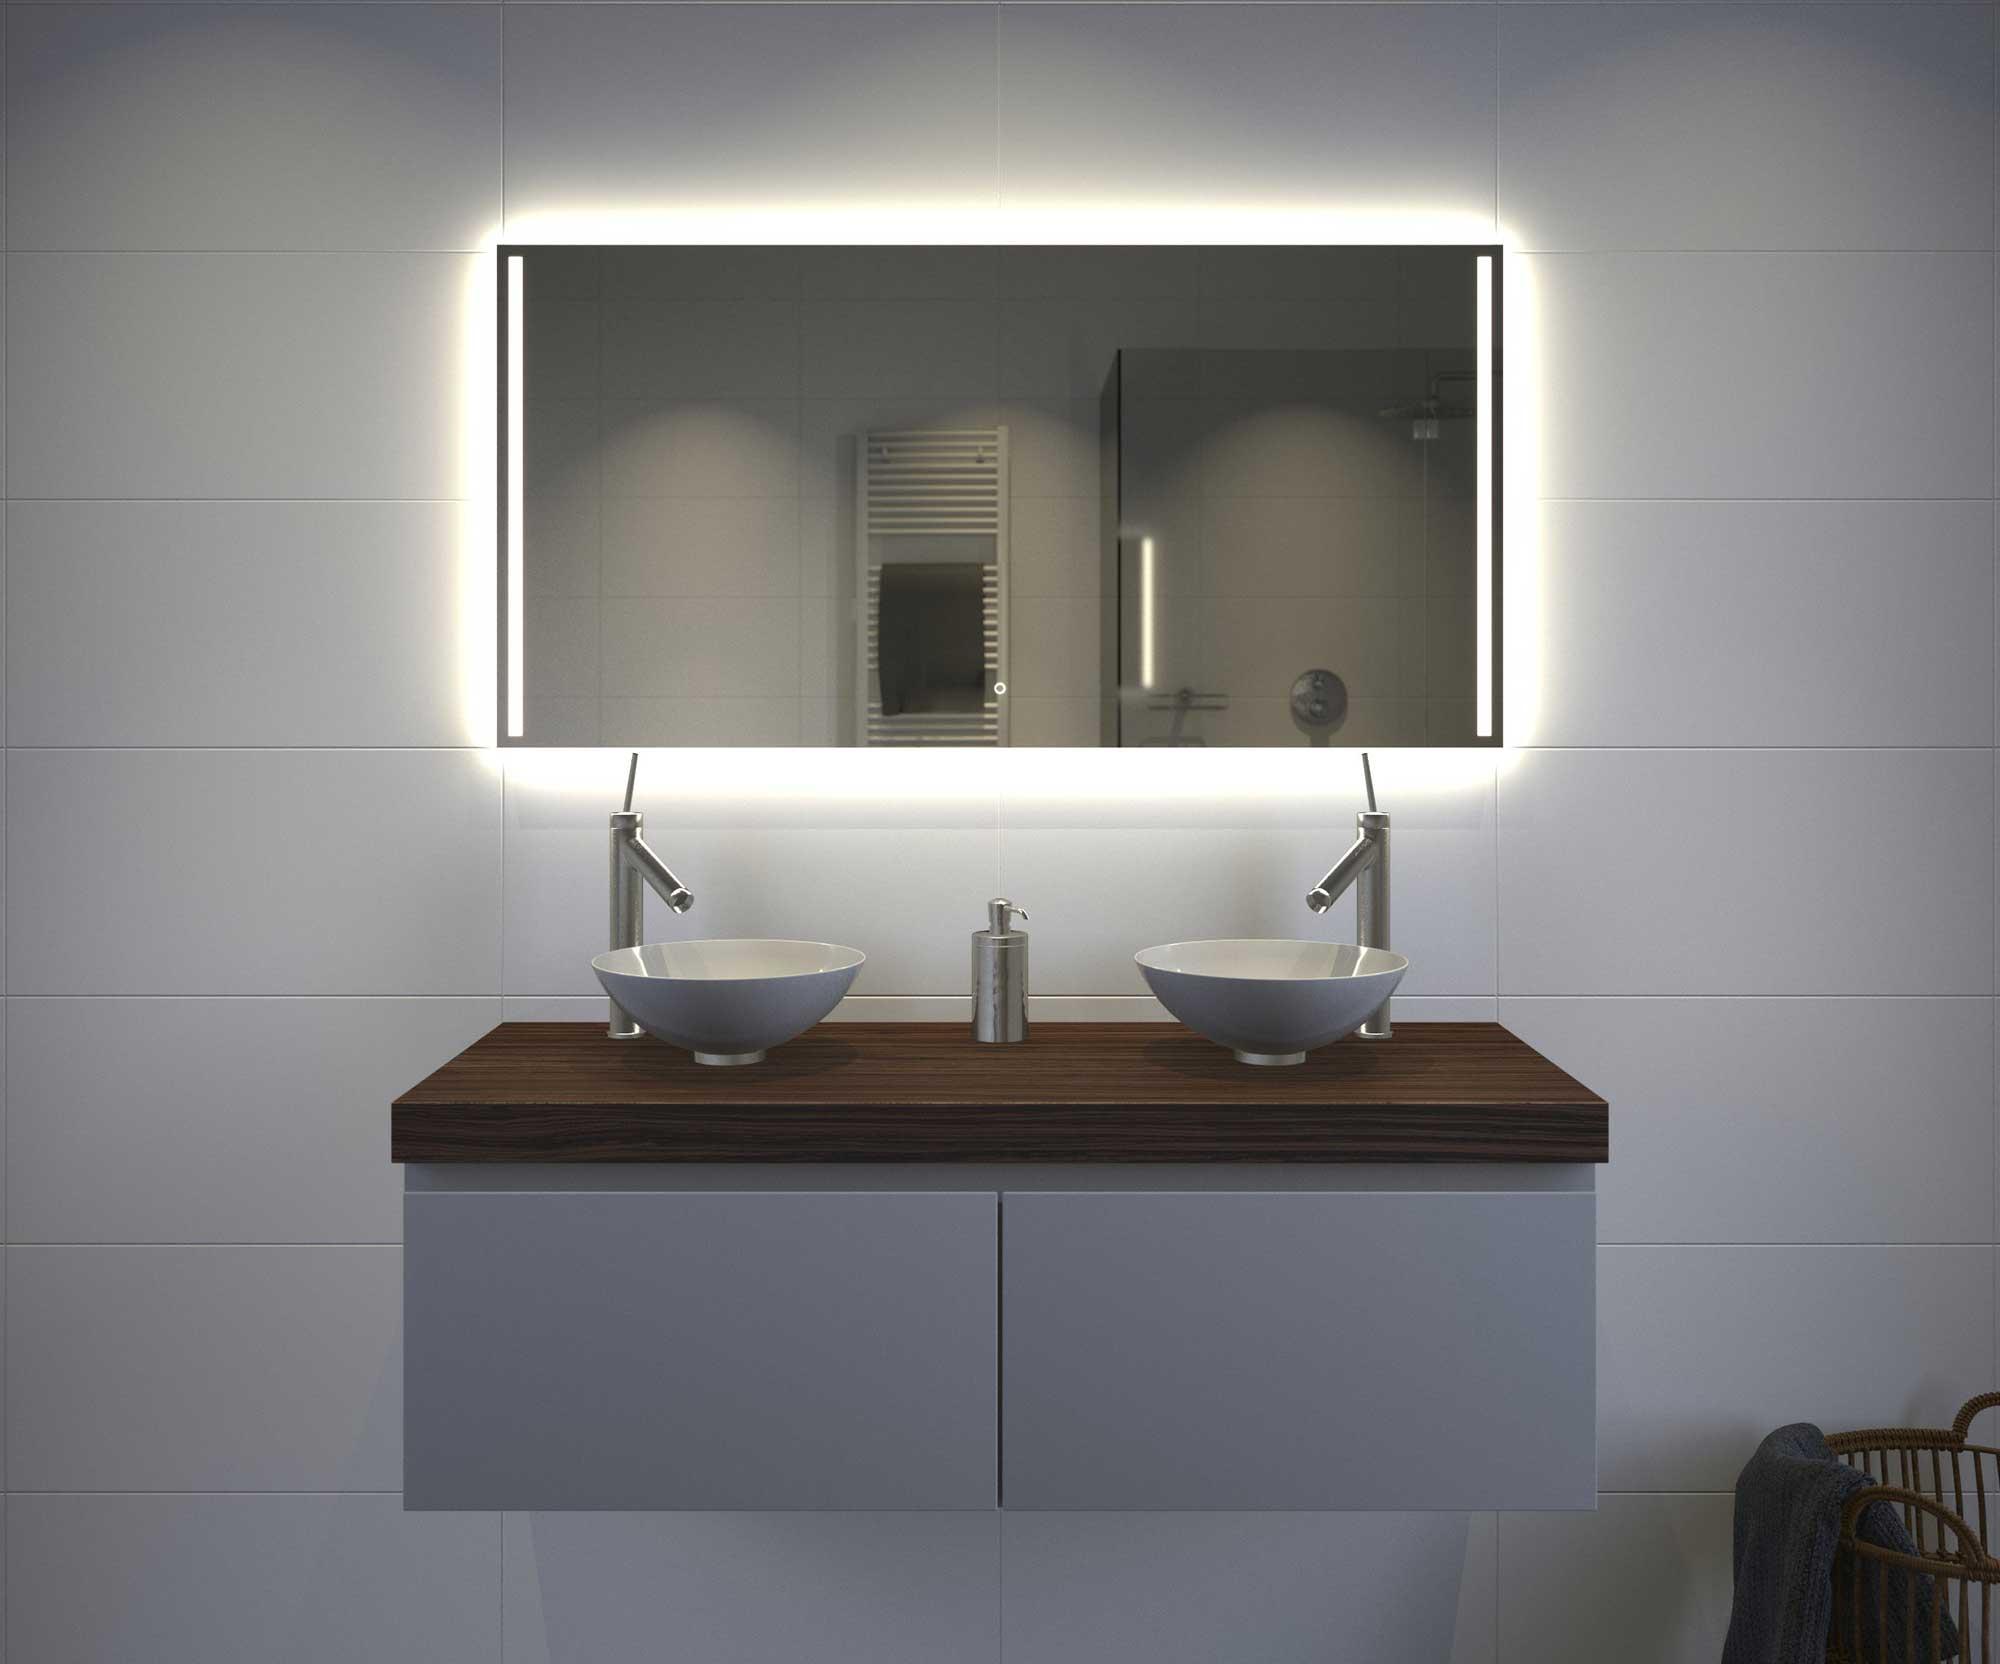 Badkamer spiegel ecosia